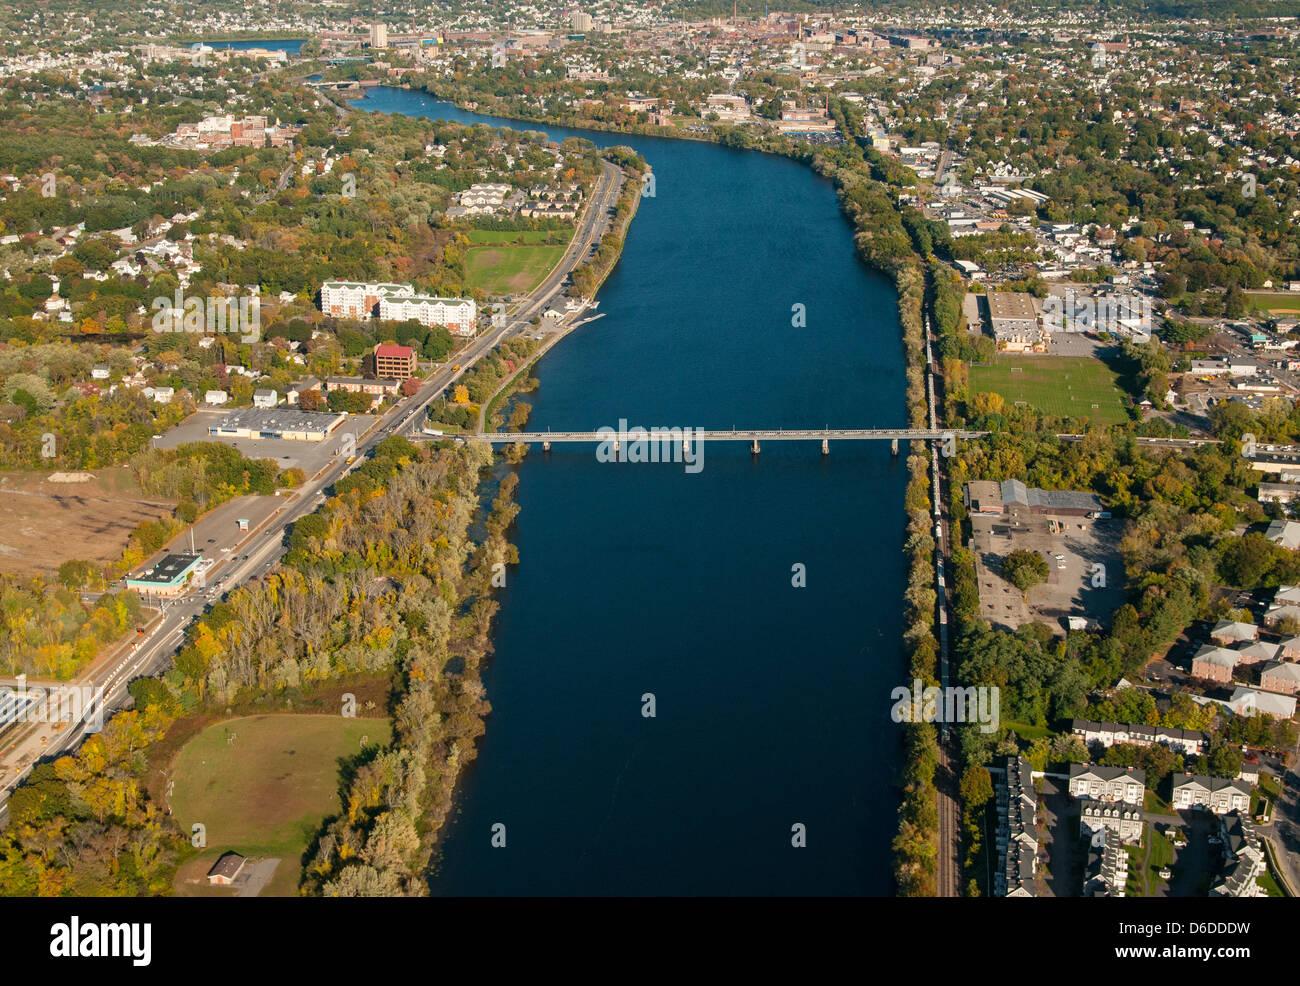 The 1250 foot long Rourke Bridge spans the Merrimack River in Lowell, Massachusetts. - Stock Image